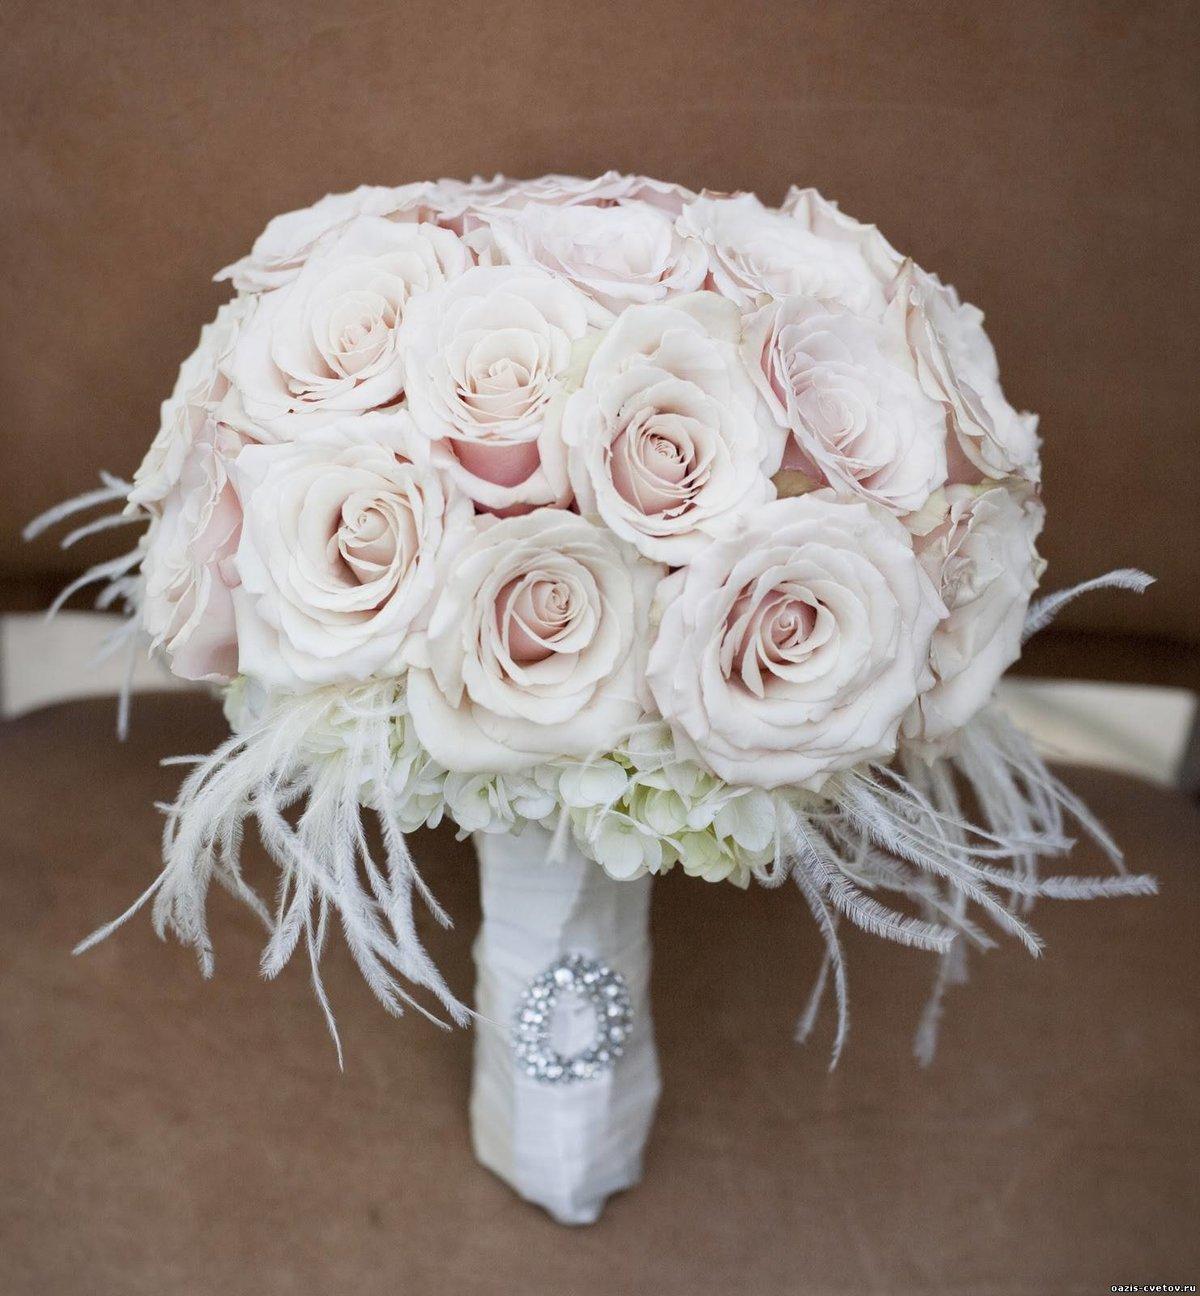 Сайты свадебный букет невесты из роз фото, круглый орхидей